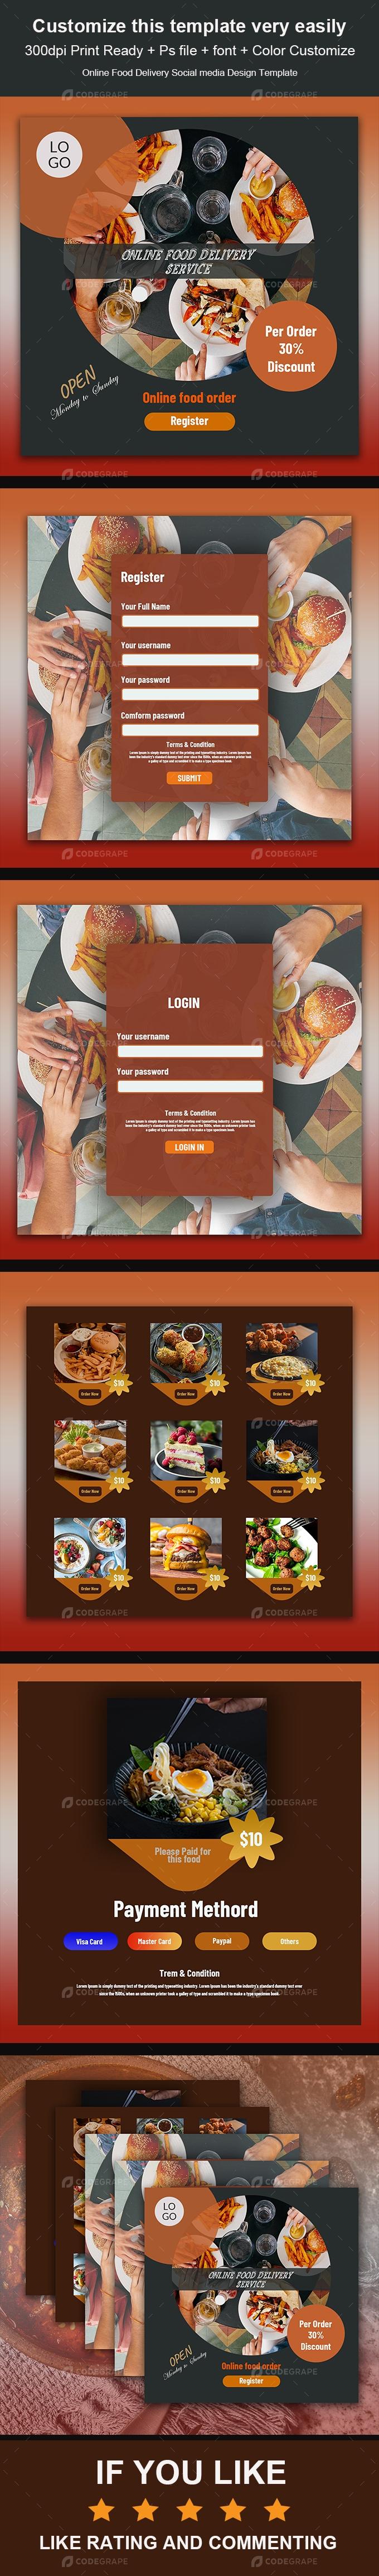 Online Food Delivery Social Media Design Template